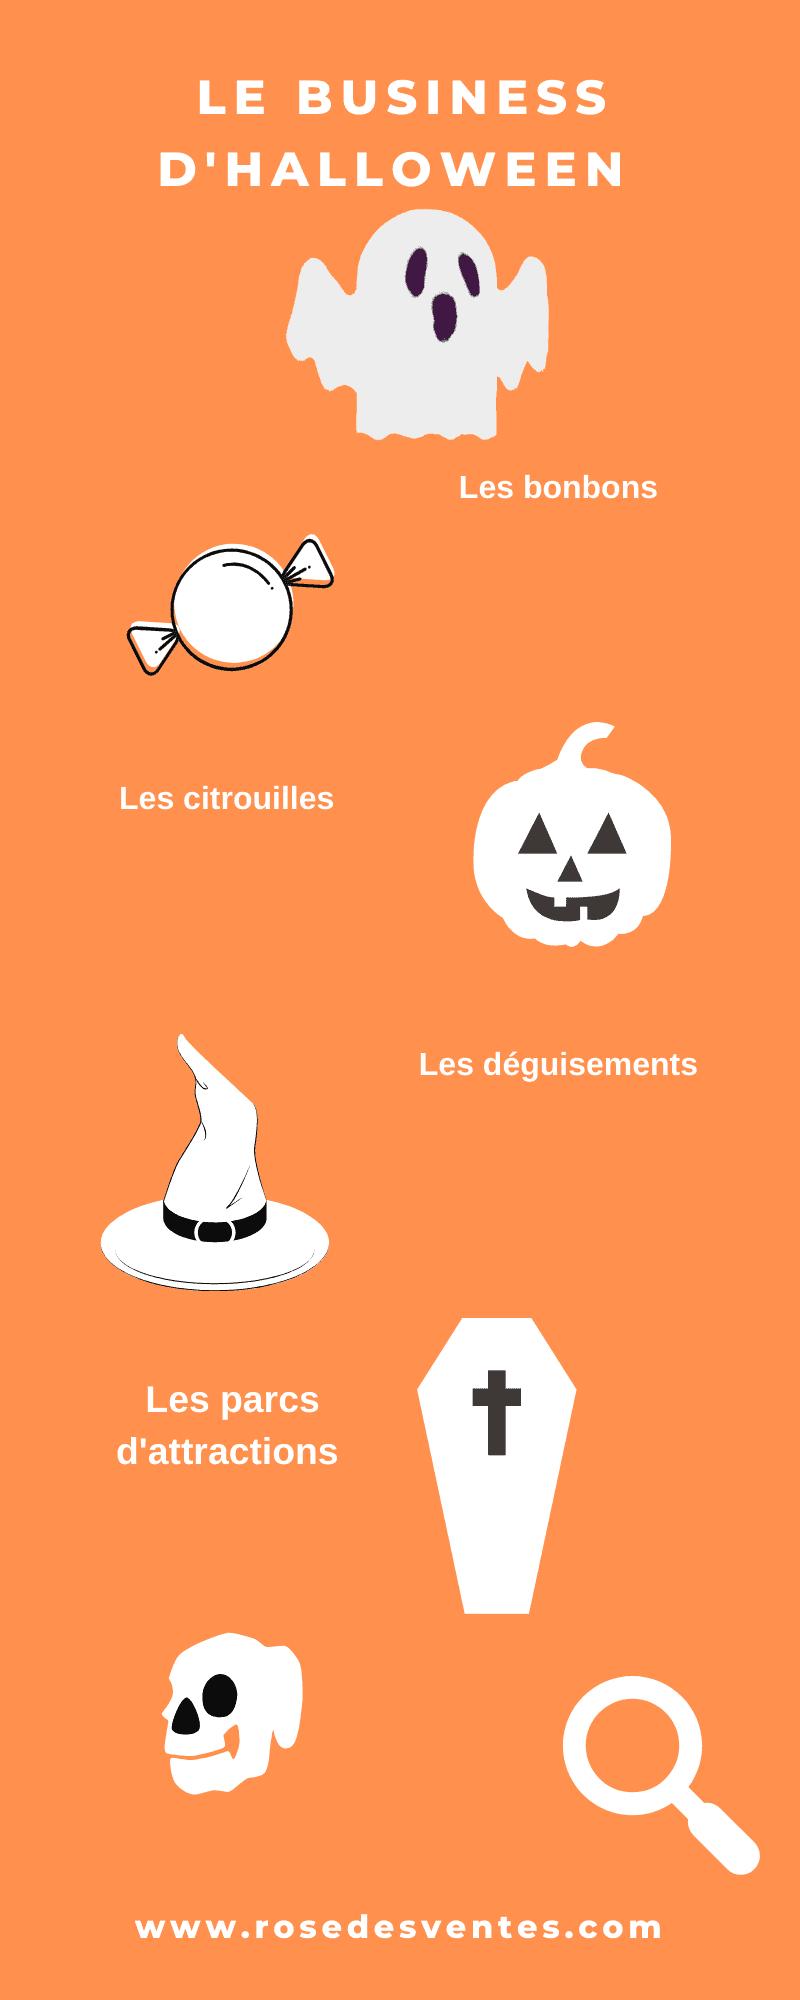 Infographie sur le business d'Halloween